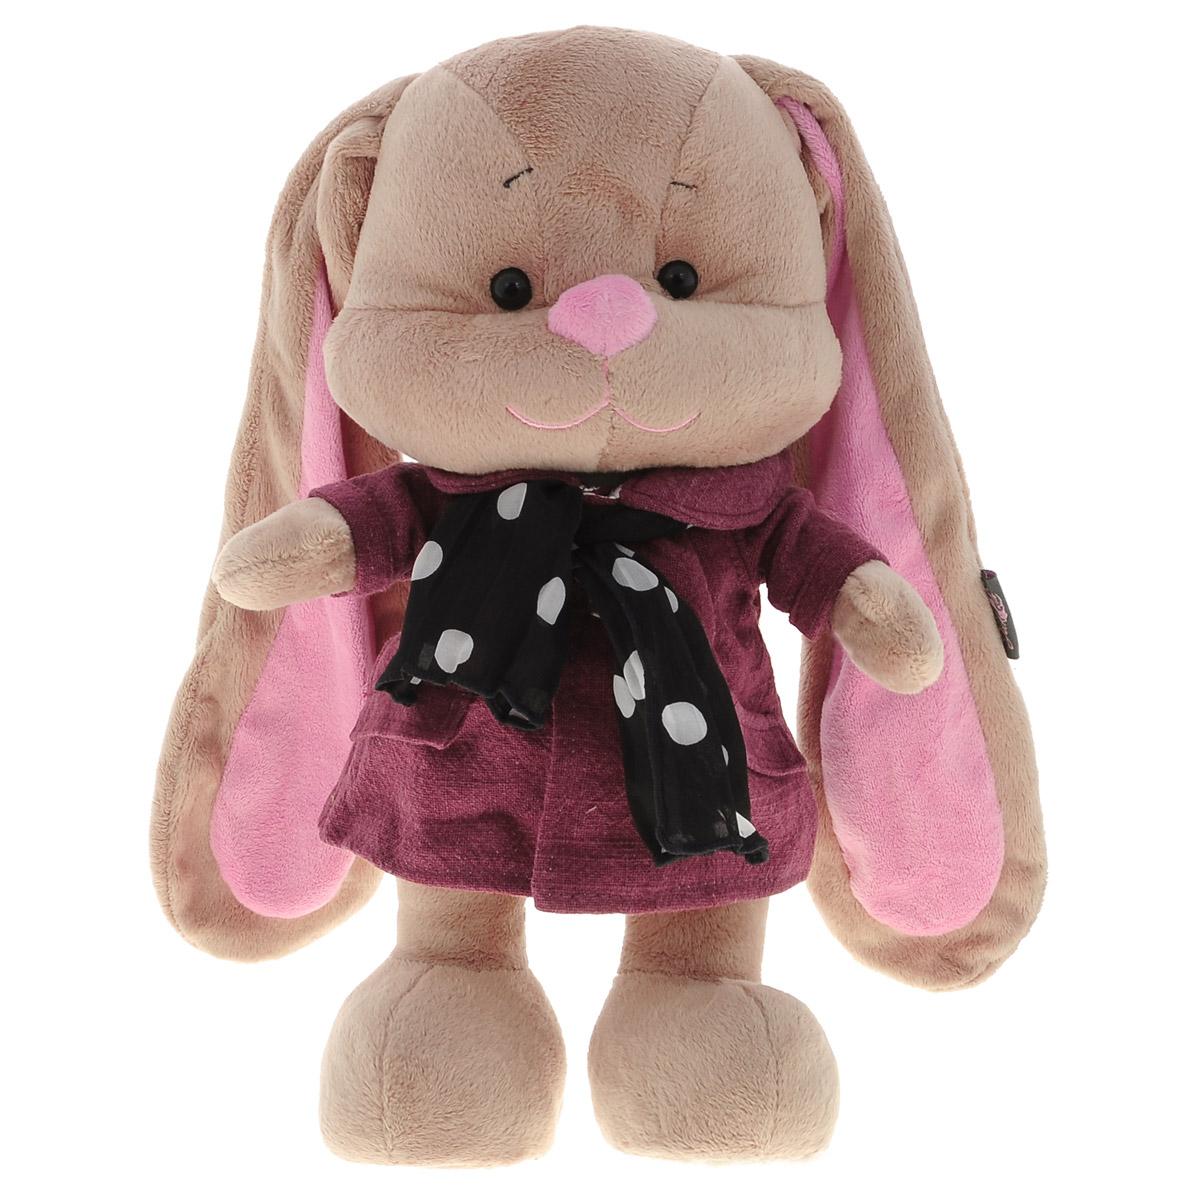 Maxi Toys Мягкая игрушка Зайка Лин, цвет пальто: бордовый, 34 смJL-004ST-25_в бордовом платьеМягкая игрушка Maxi Toys Зайка Лин обязательно привлечет внимание вашего ребенка. Изделие изготовлено из приятных на ощупь и очень мягких материалов, безвредных для малыша. Игрушка представлена в виде зайчика, одетого в пальто, а на шее подвязан шарфик. Зайка Лин - очаровательная модница, которая поражает безупречным стилем своих нарядов. Ее любимое занятие наряжаться в красивую одежду и дарить окружающим хорошее настроение. Даже в холодную погоду она остается веселой и привлекательной. Игрушка упакована в подарочную коробку. А внутри - ленточки и две поздравительные открытки. Симпатичная игрушка, которая неизменно будет радовать вашего ребенка, а также способствовать полноценному и гармоничному развитию его личности.